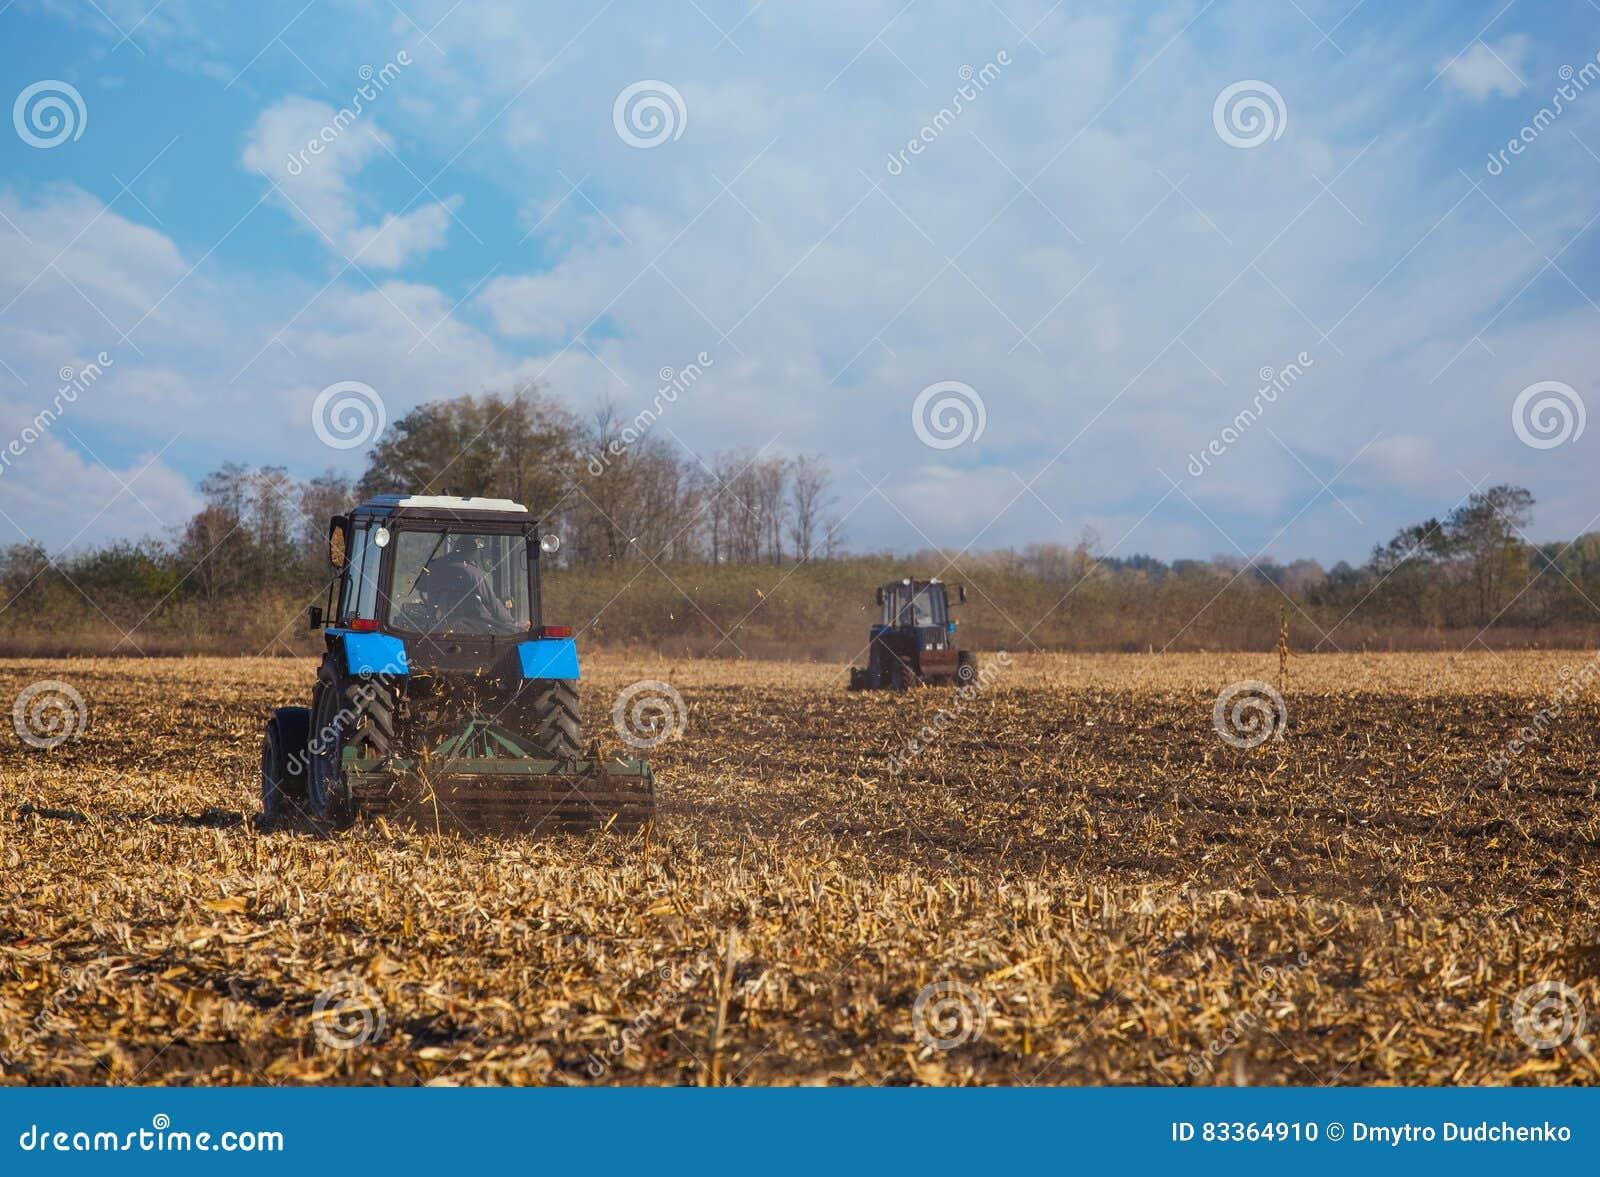 Stor blå plogat land för traktor två plog, når att ha skördat majsskörden